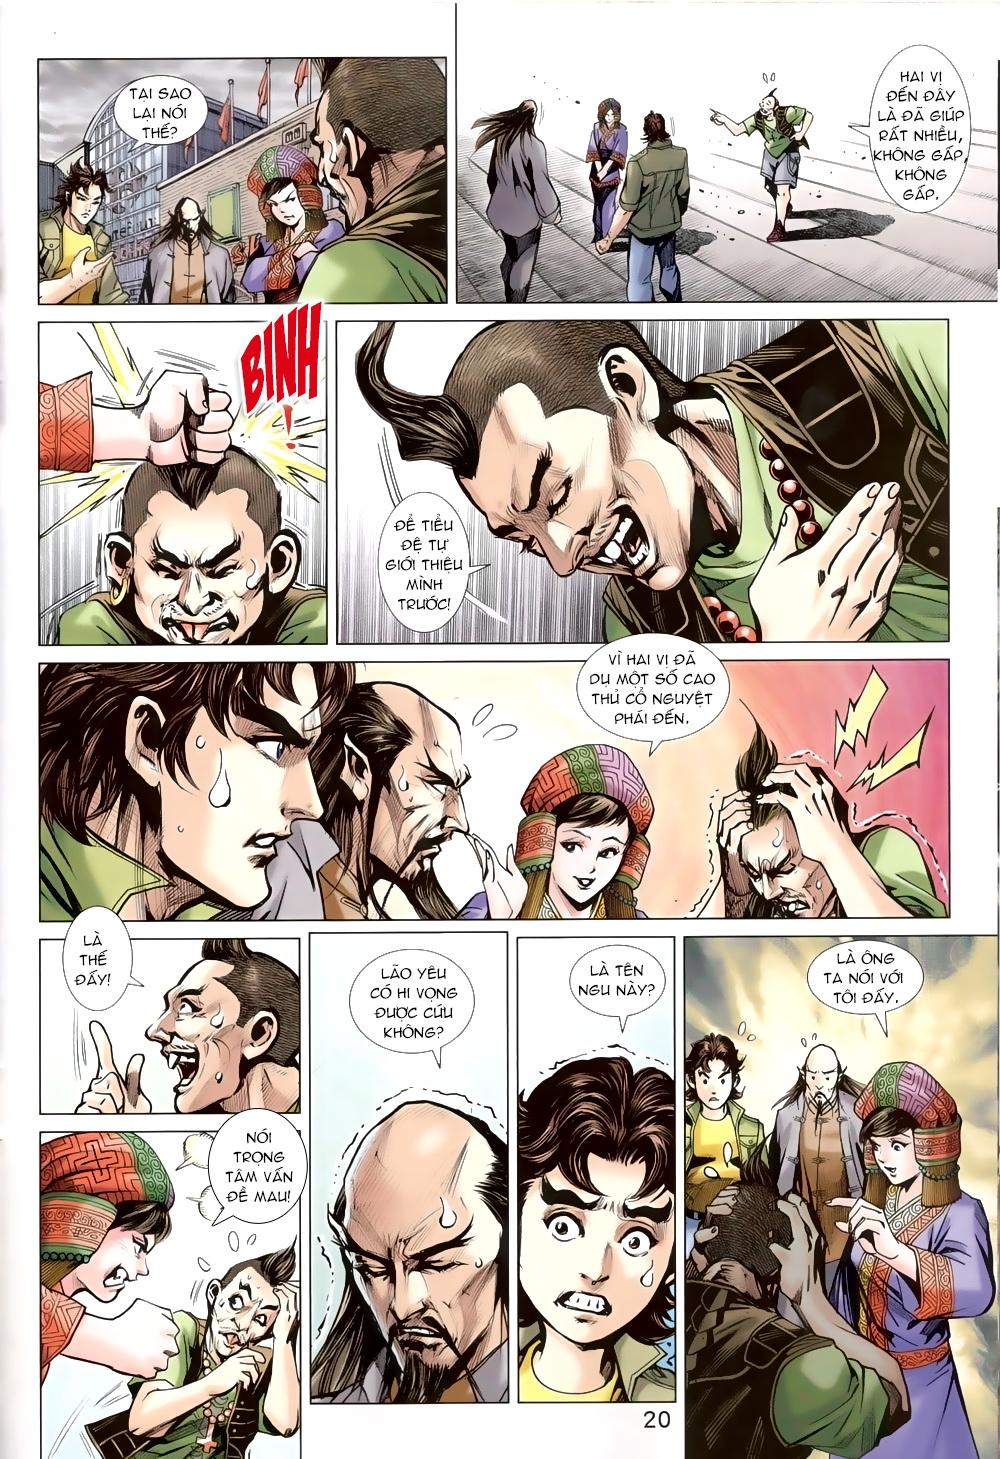 Tân Tác Long Hổ Môn chap 820 Trang 19 - Mangak.info